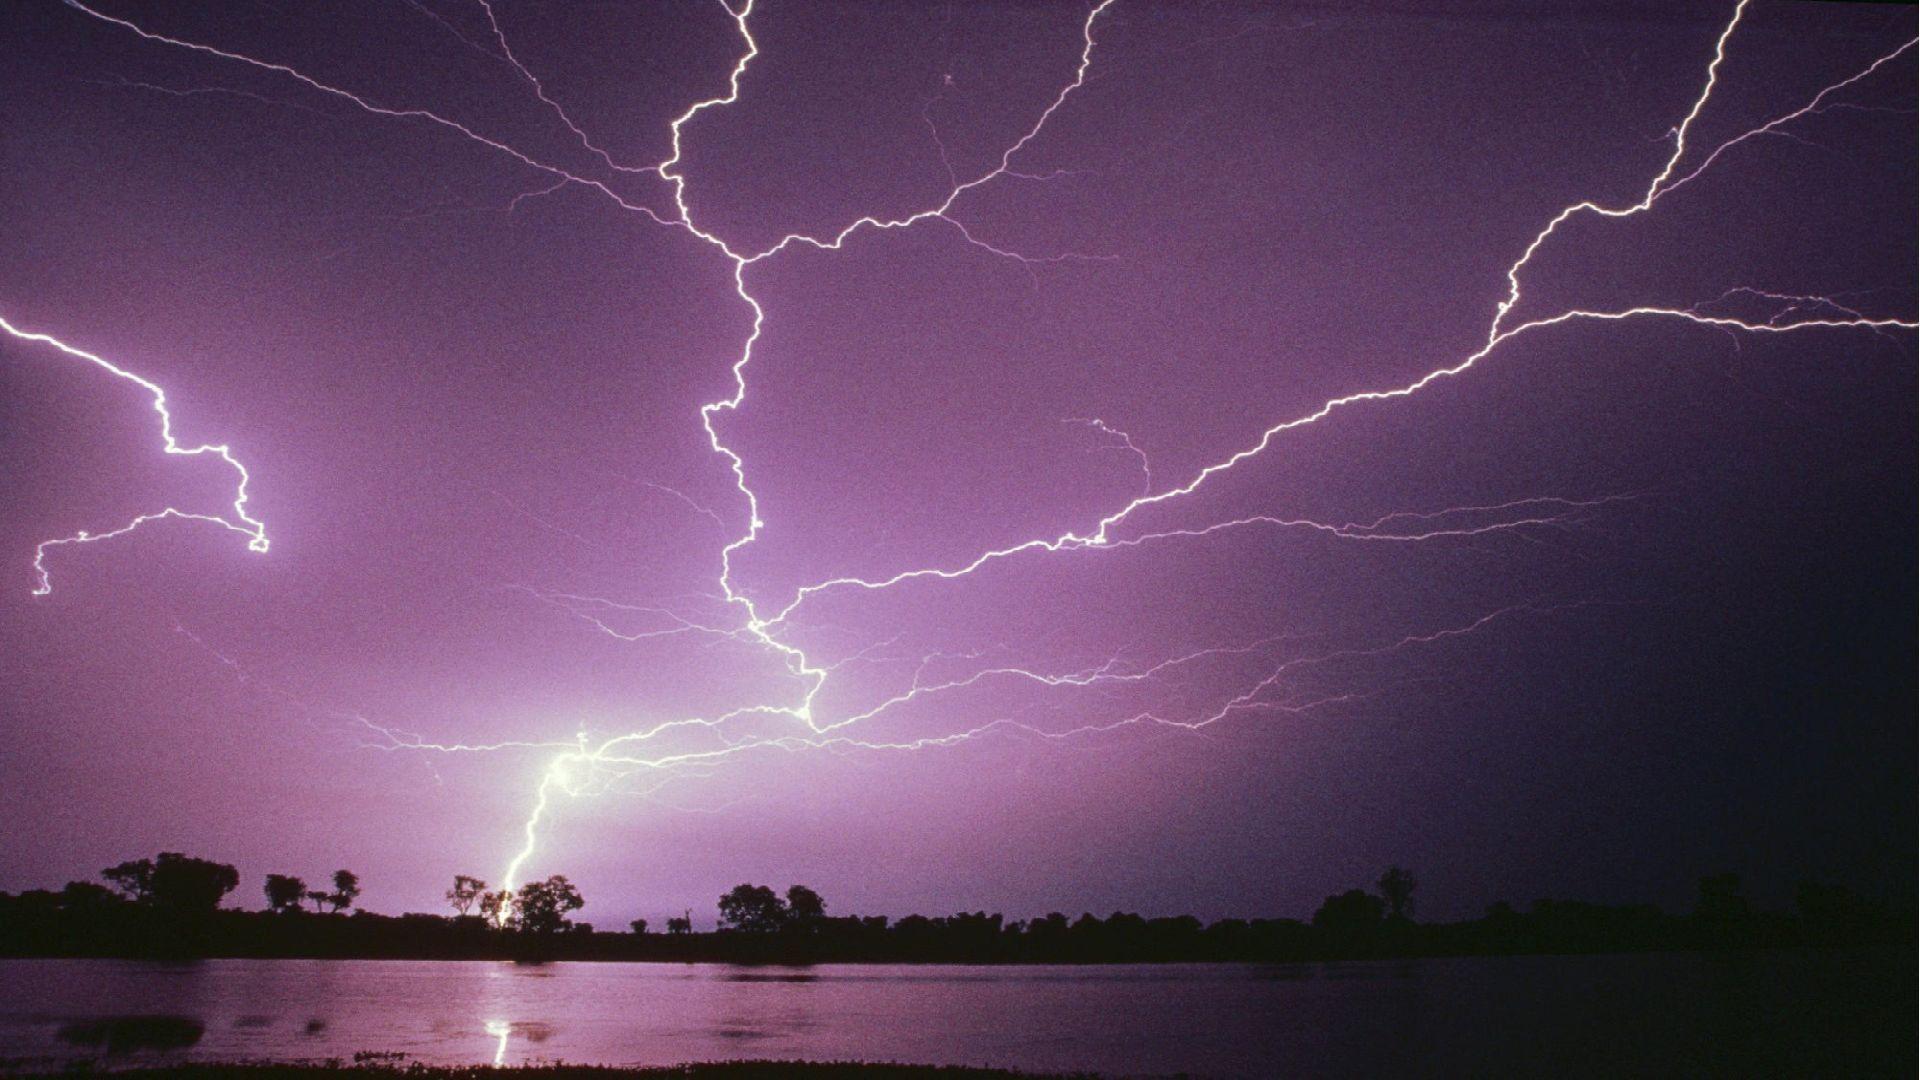 Thunderstorm Desktop Wallpapers - Wallpaper Cave